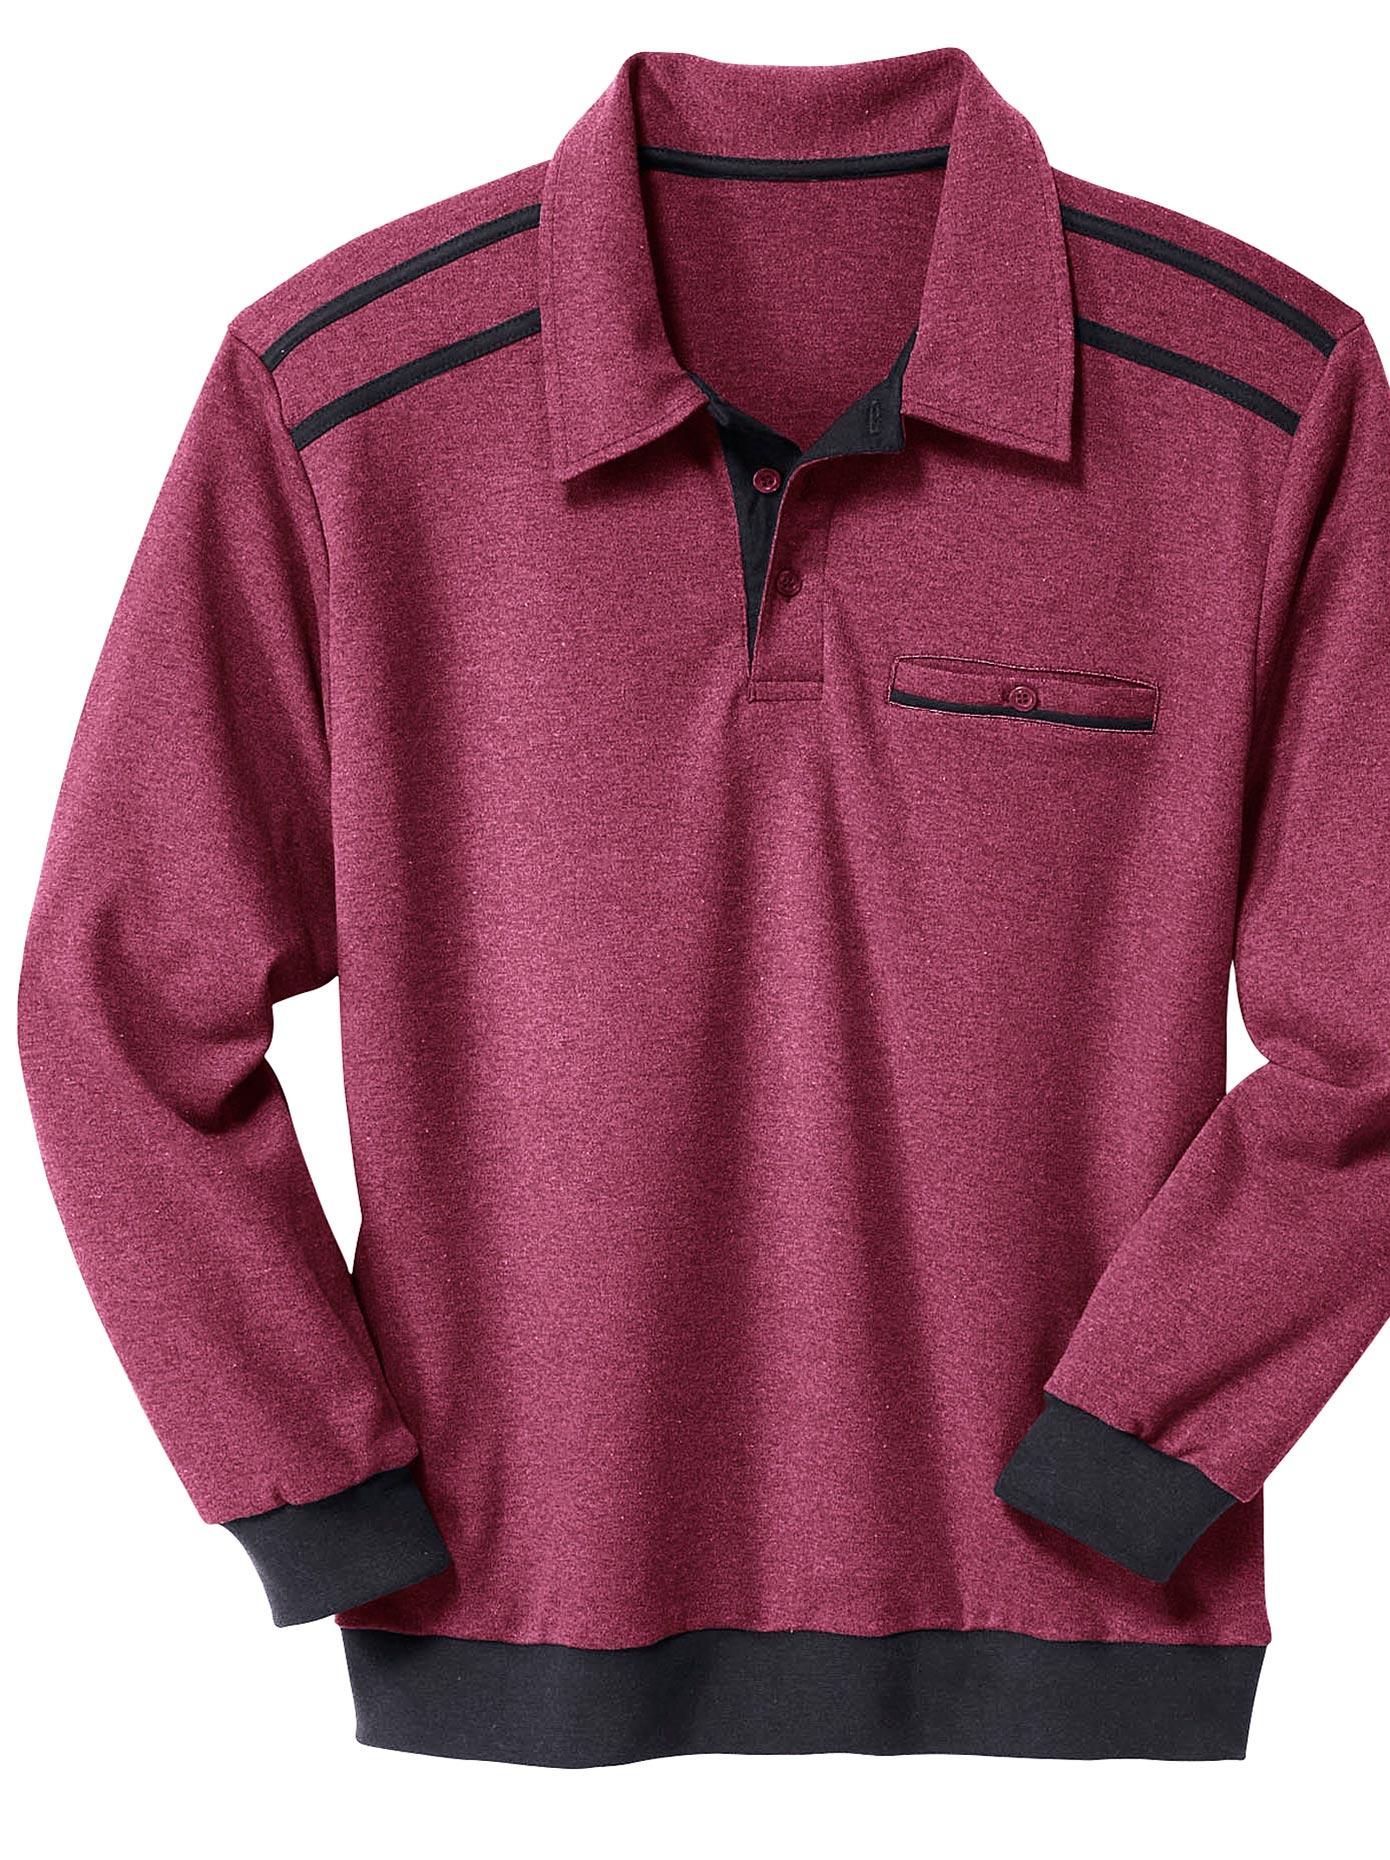 Classic Basics Sweatshirt mit Knopfverschluss | Bekleidung > Sweatshirts & -jacken > Sweatshirts | Classic